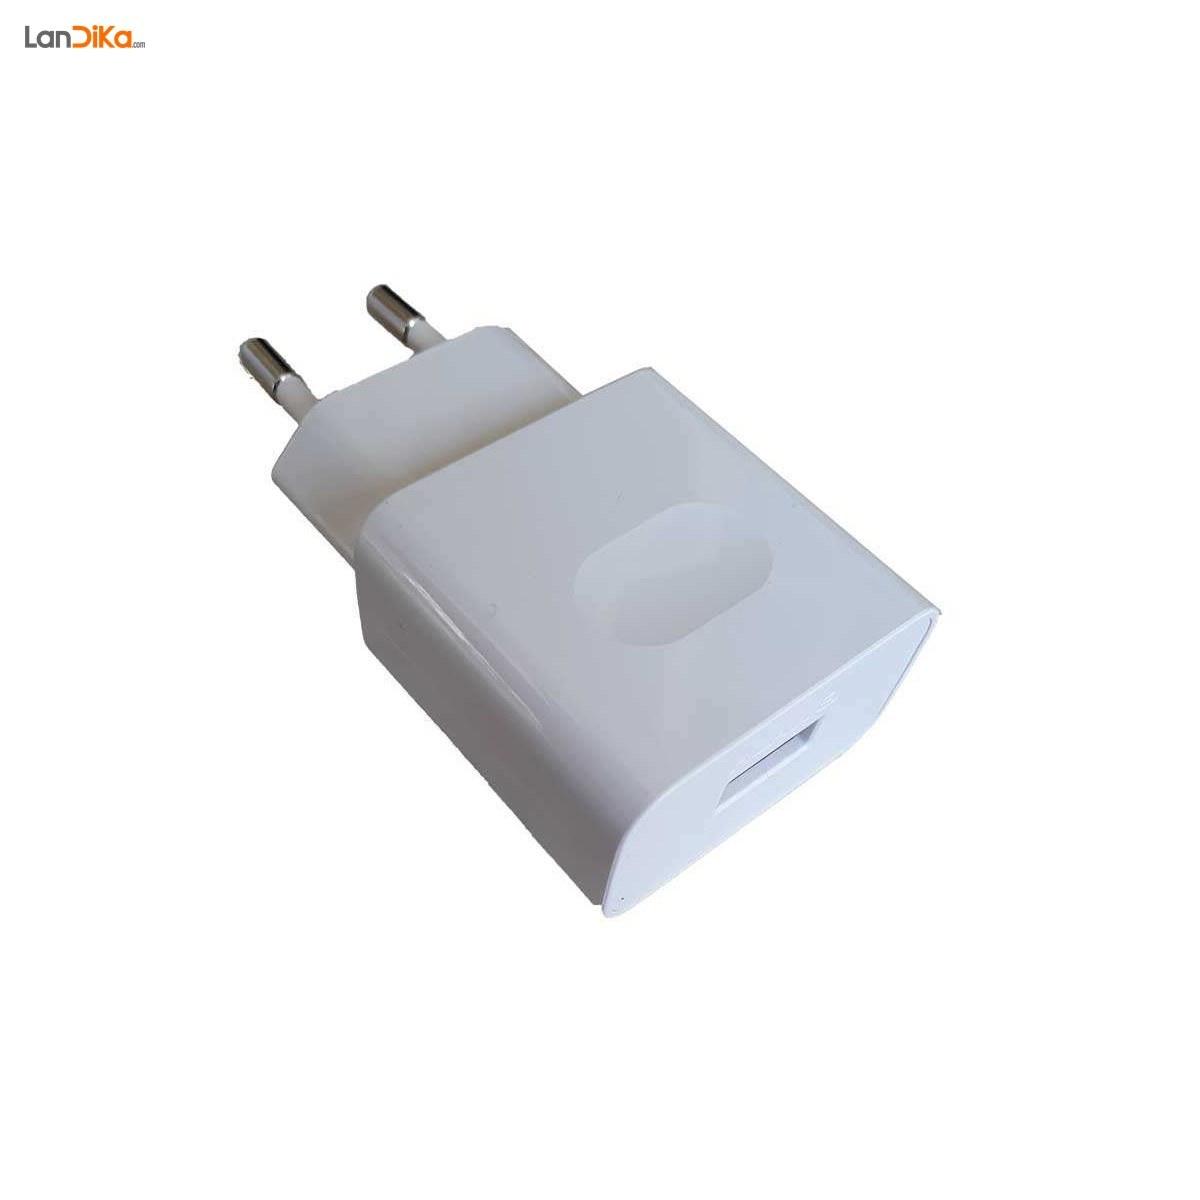 تصویر شارژر دیواری هوآوی مدل HW-050200E01 Huawei HW-050200E01 wall charger